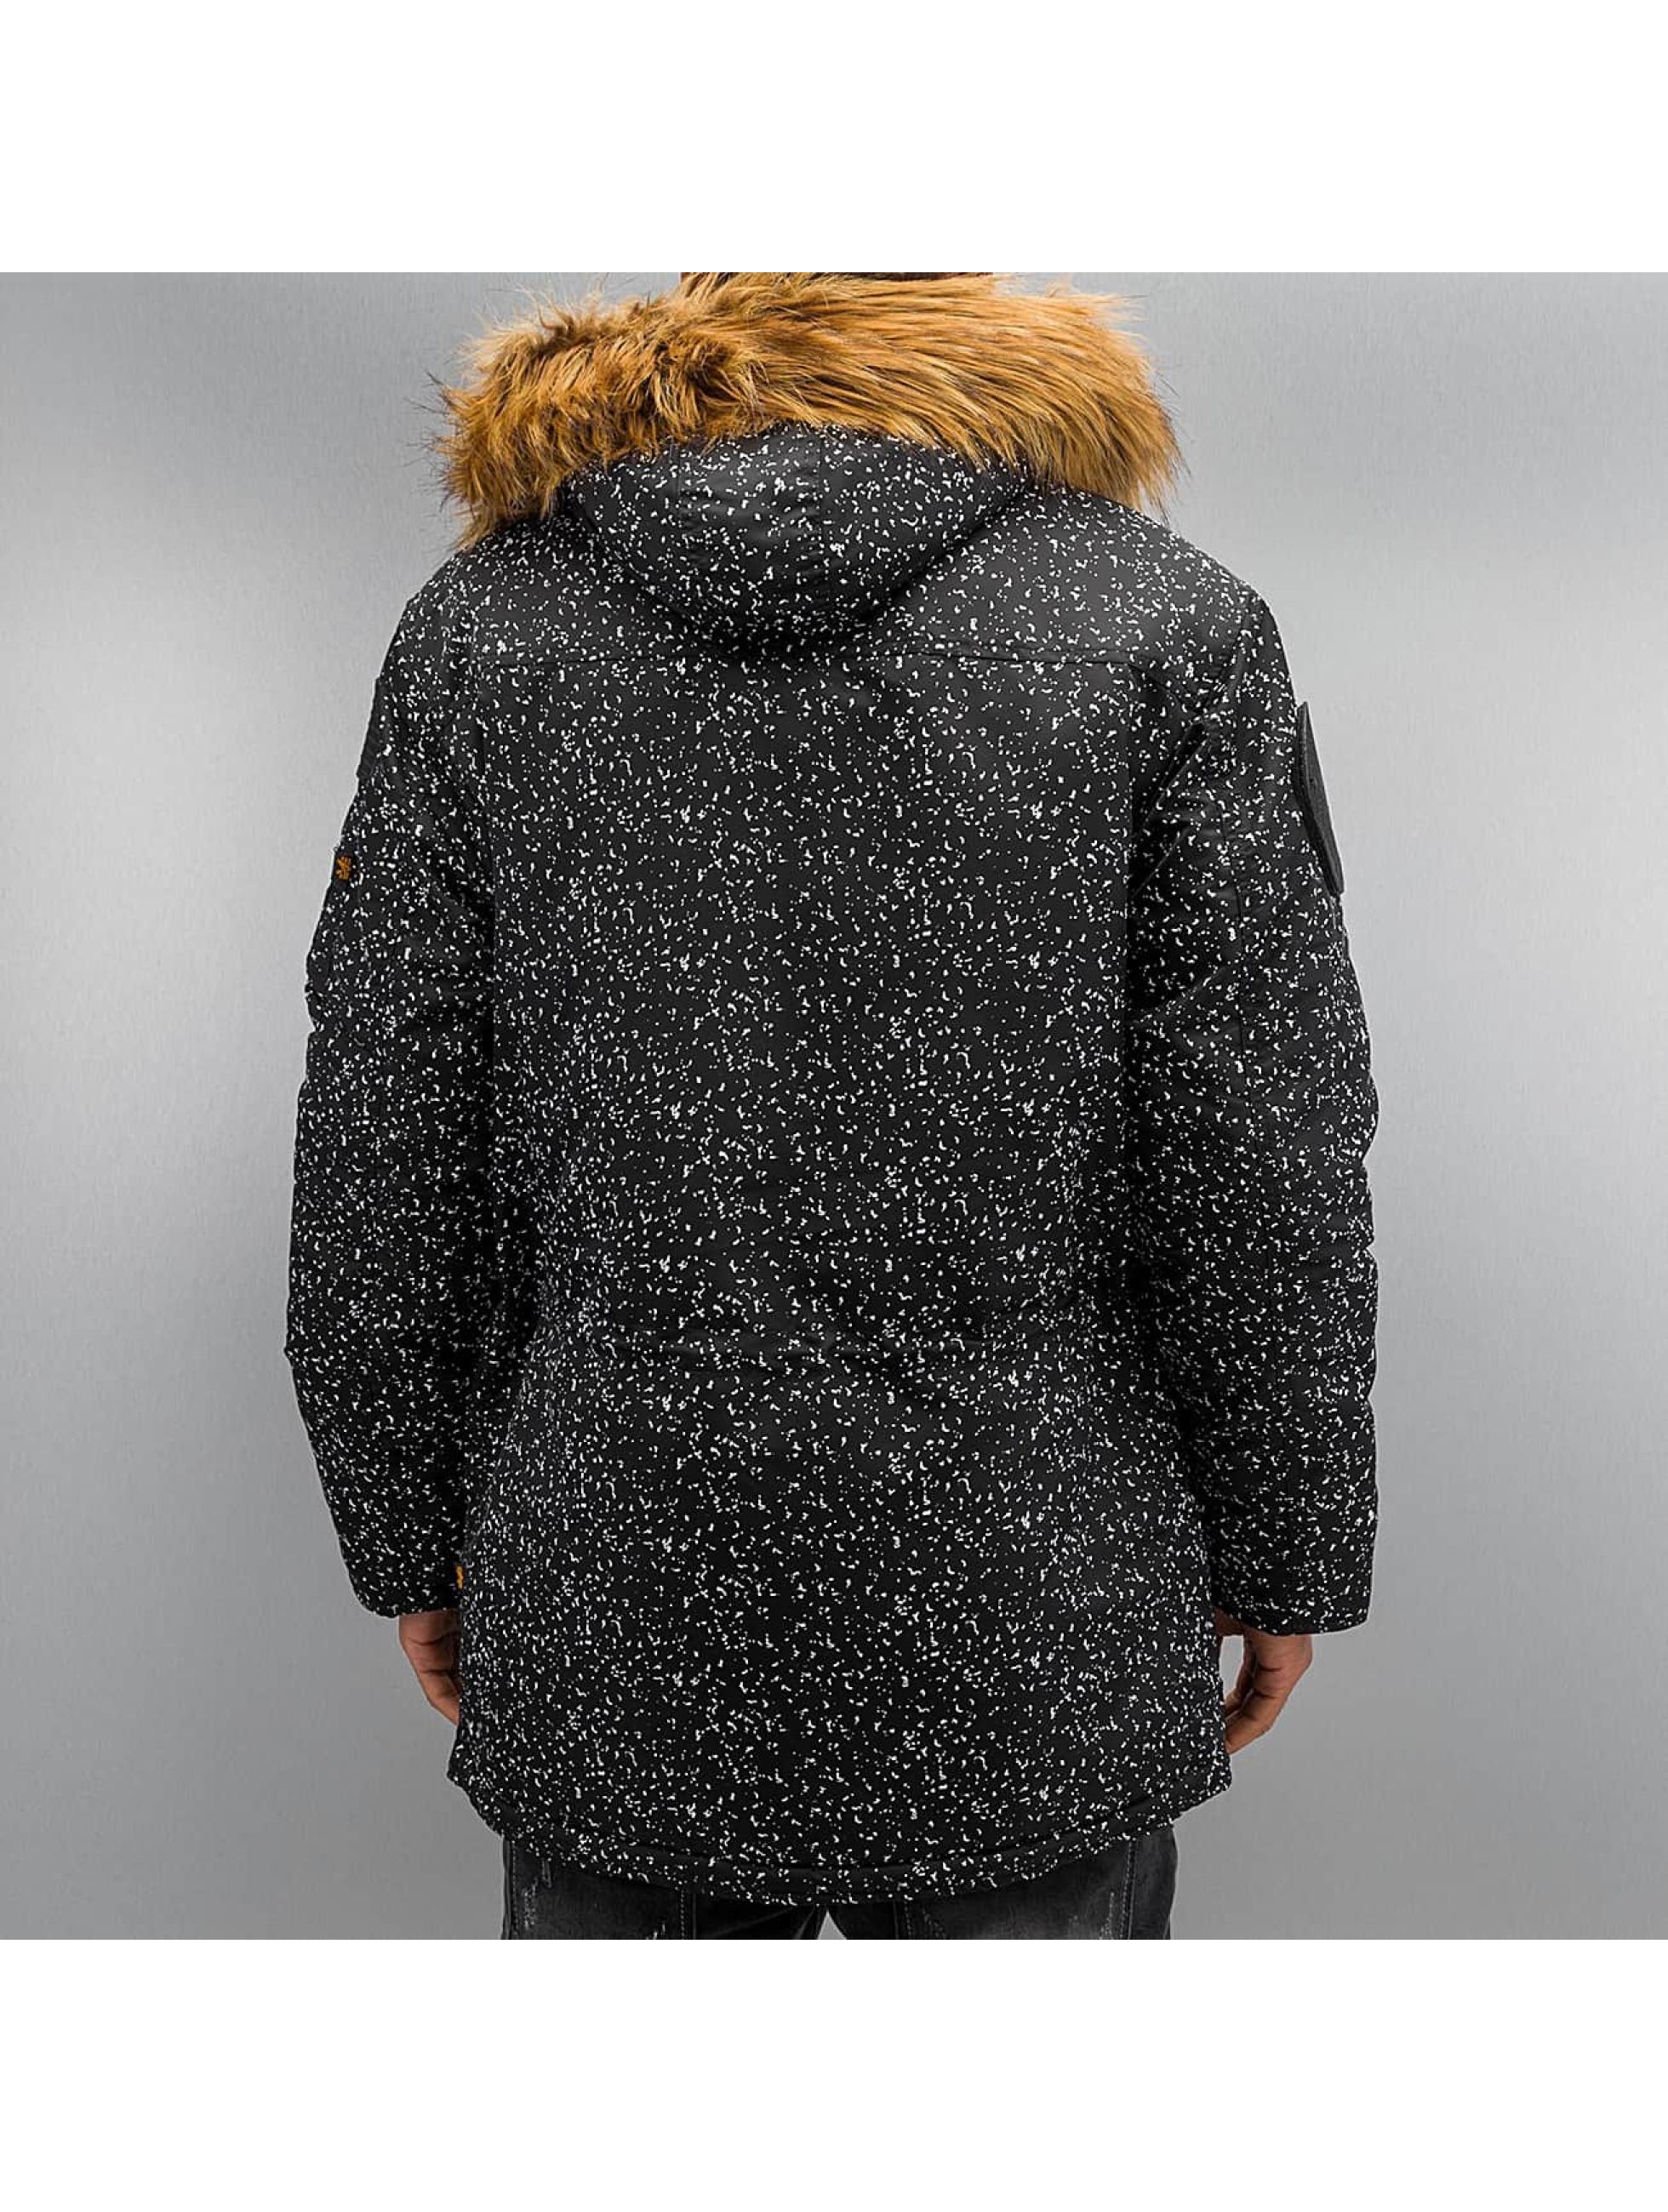 K1X Vinterjackor Polar K1X S svart